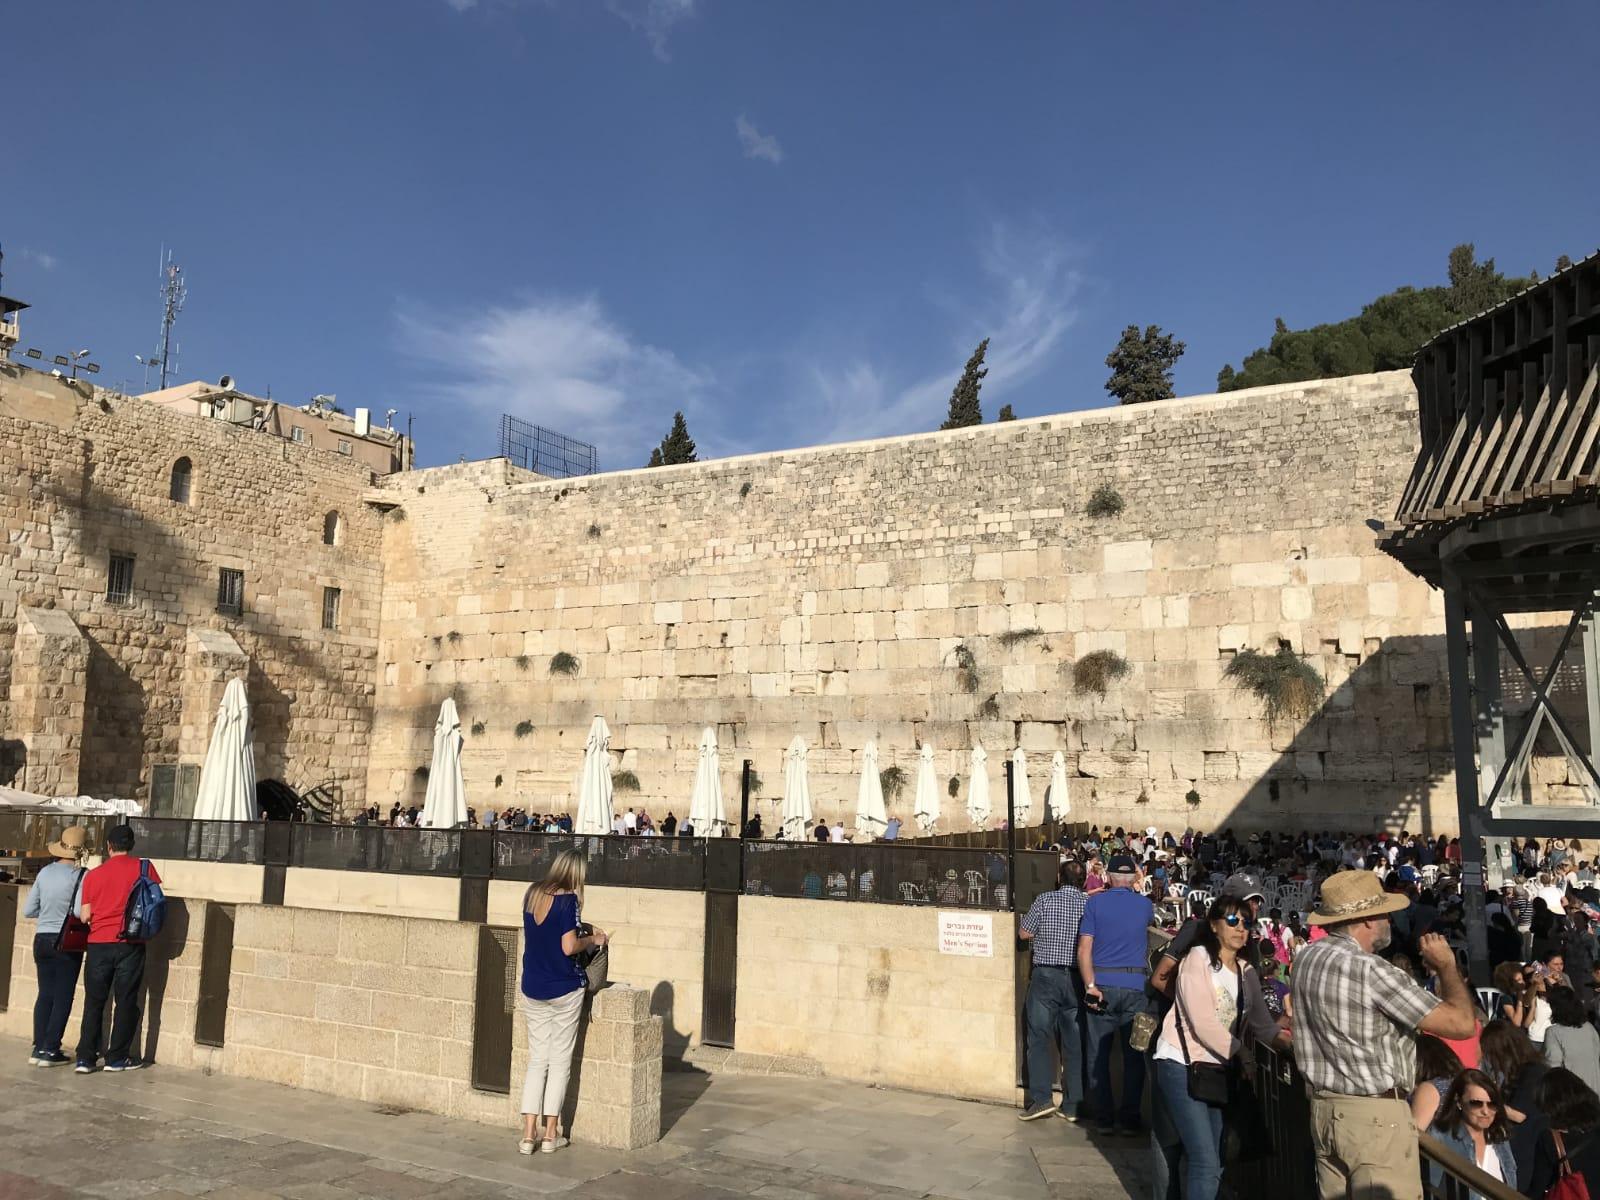 Peniaze za mlanlivos v, izraeli : rodina vza